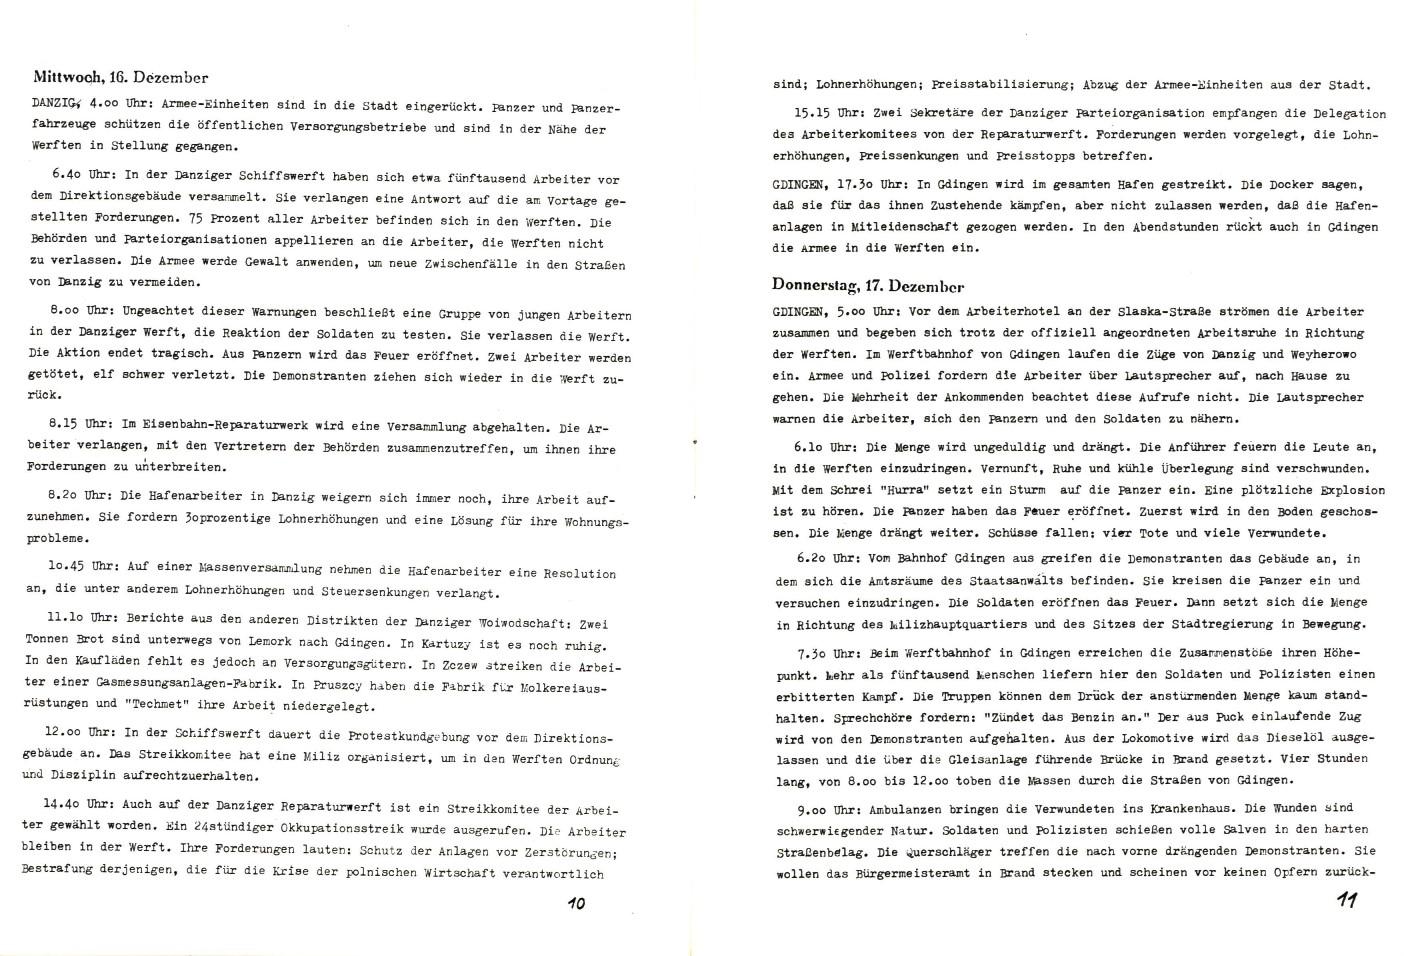 Berlin_KSV_1976_Arbeiteraufstand_in_Polen_07